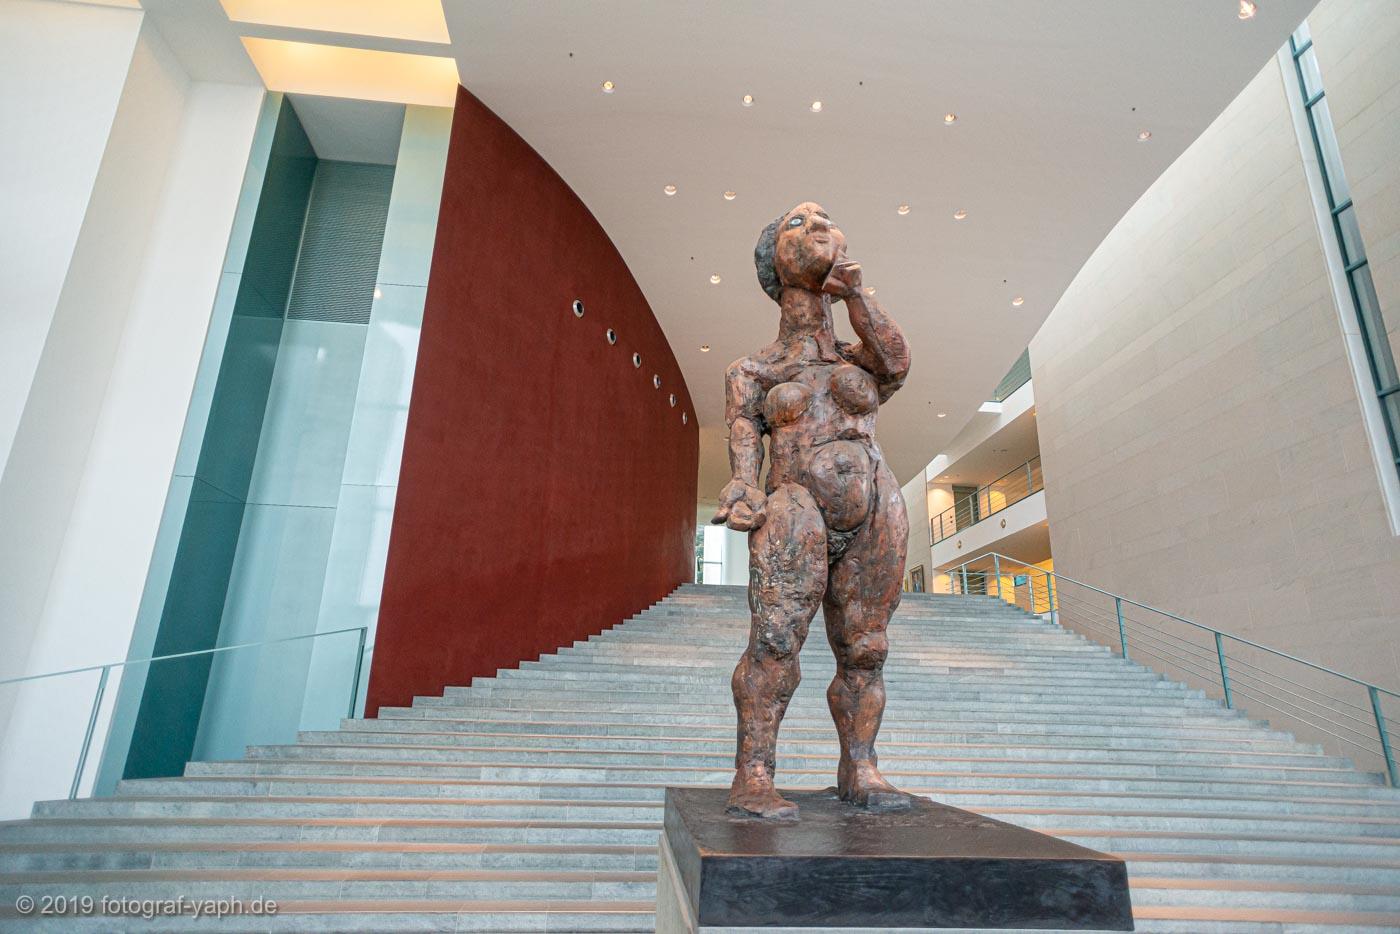 """Foyer des Bundeskanzleramtes Berlin mit Statue """"Die Philosophin"""" als Leitmotiv für politisch verantwortungsvolles Handeln."""